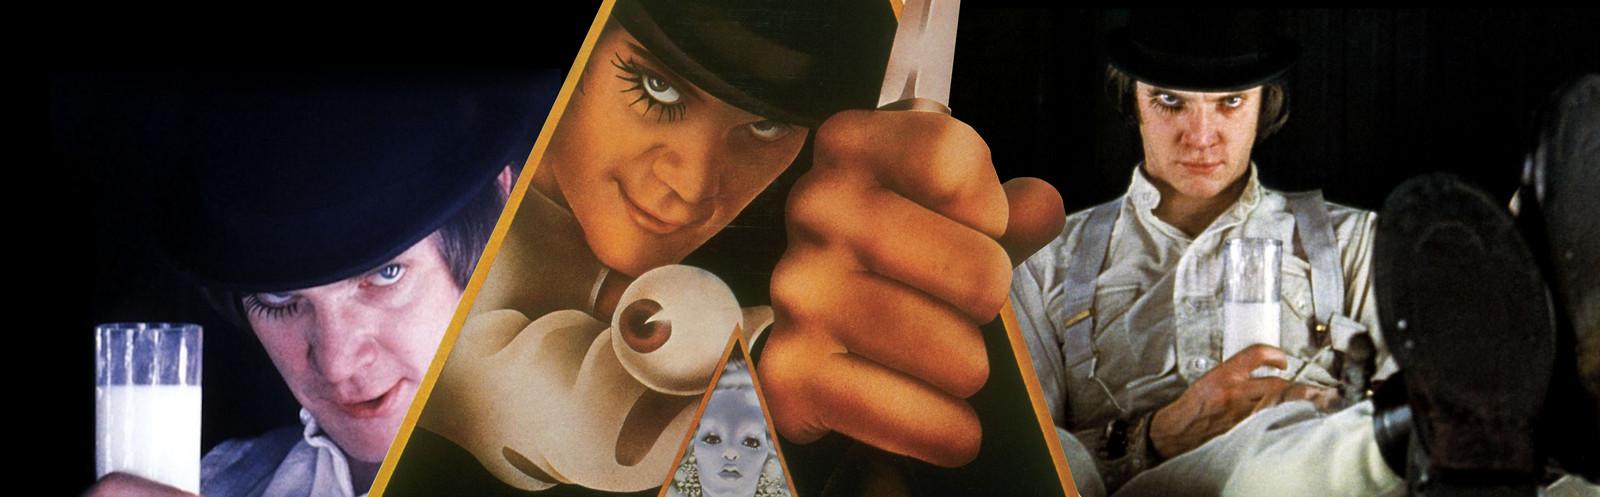 Malcolm McDowell in het 50 jaar oude A Clockwork Orange.